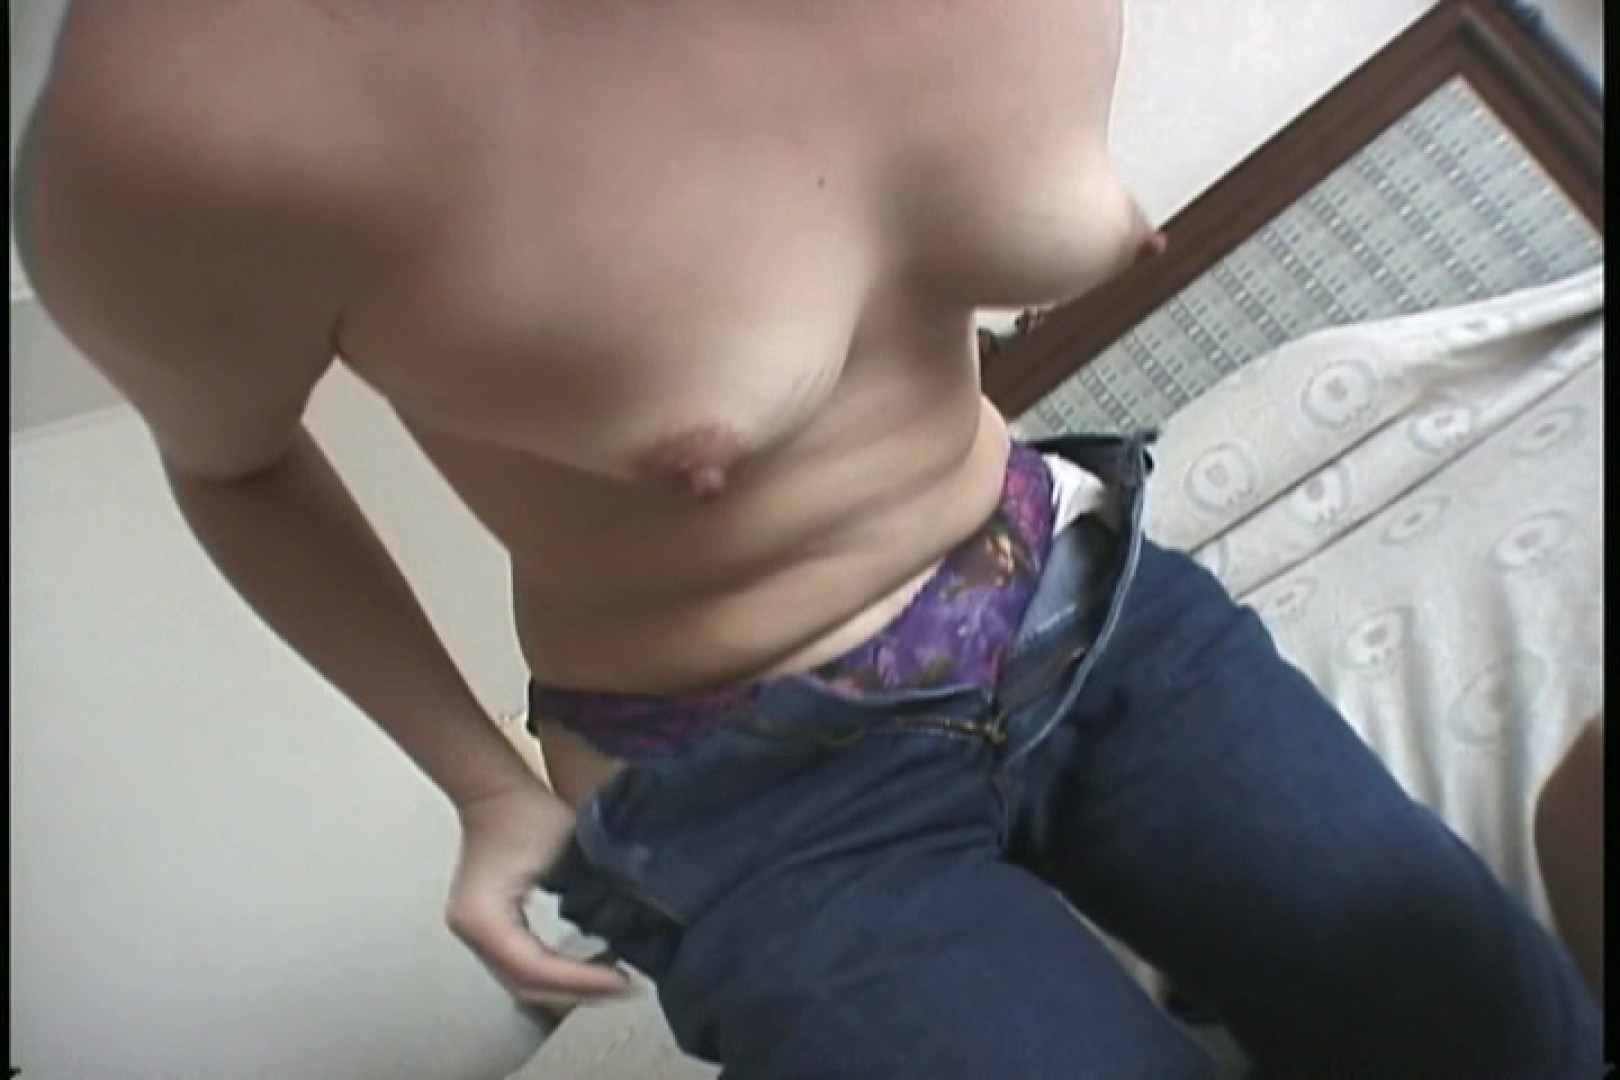 おまんこ丸見え|初めてのビデオ撮影に緊張する素人OLとセックス~武田じゅん~|大奥